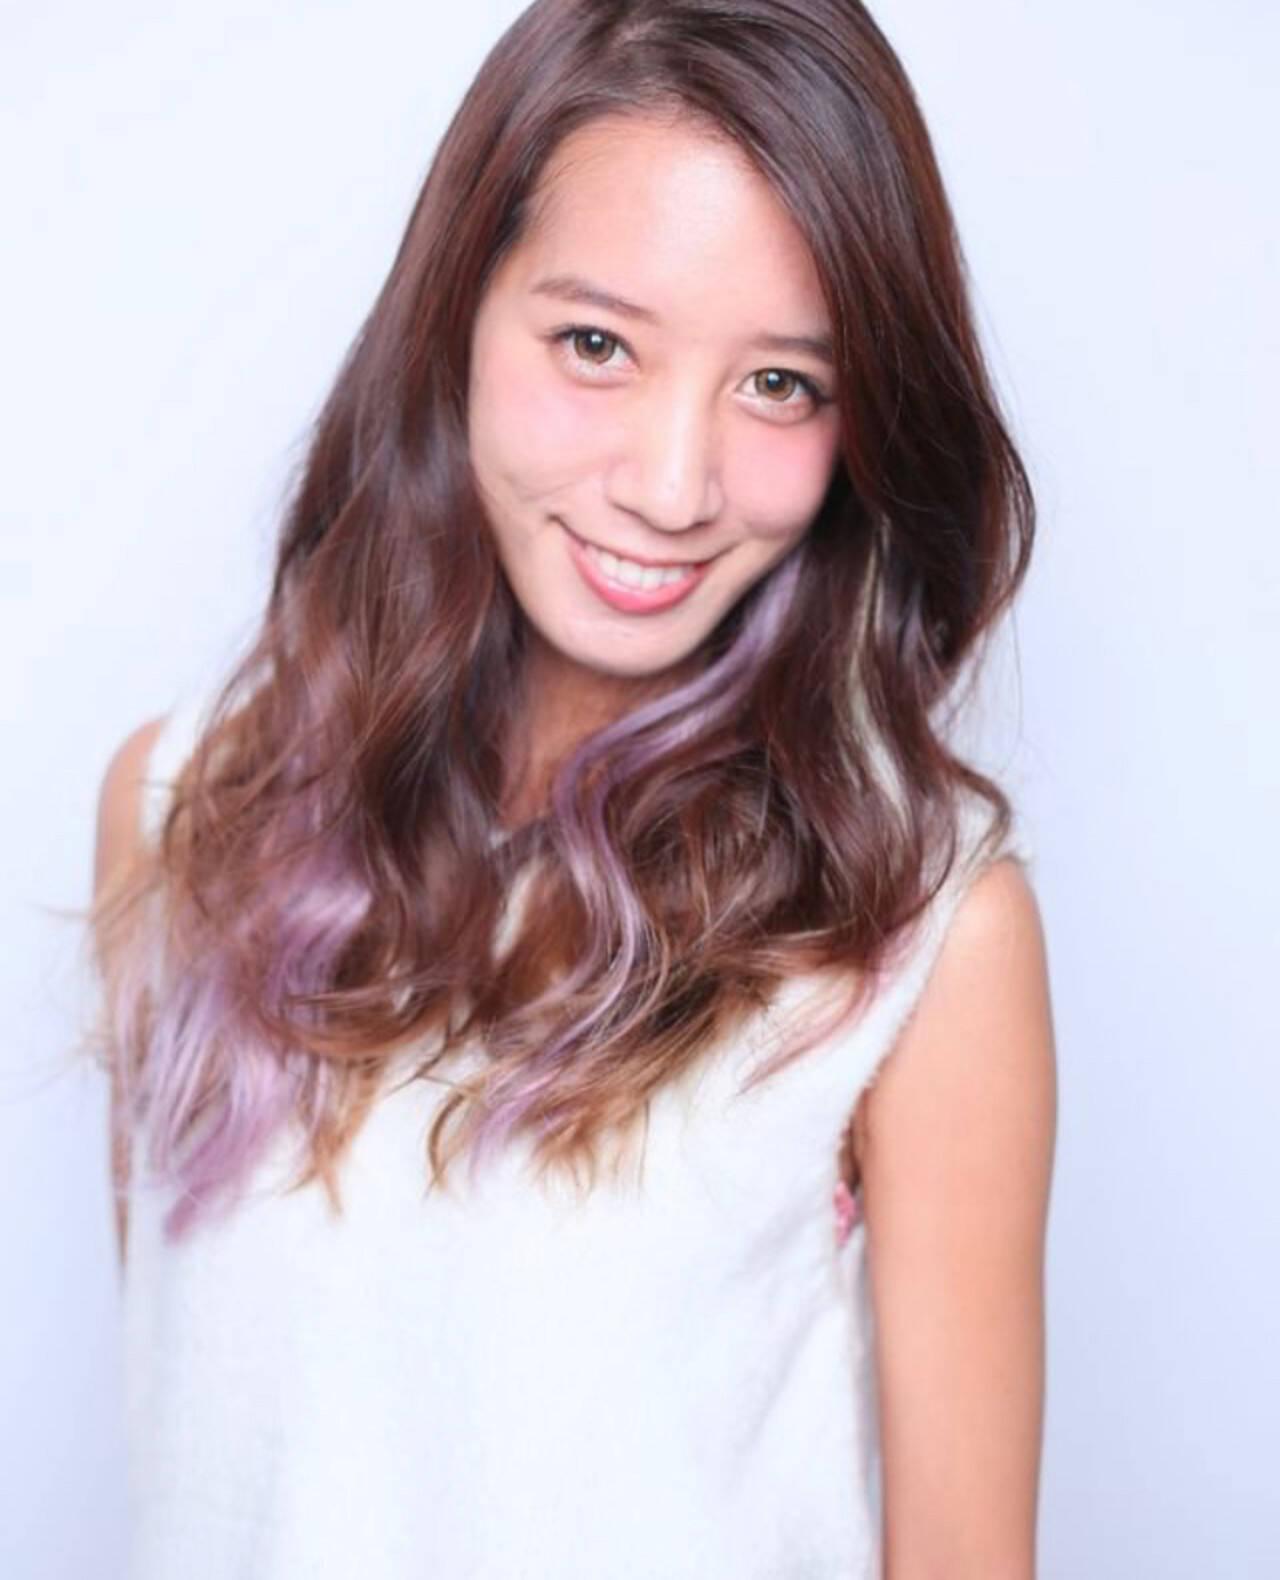 ロング グラデーションカラー ガーリー インナーカラーパープルヘアスタイルや髪型の写真・画像